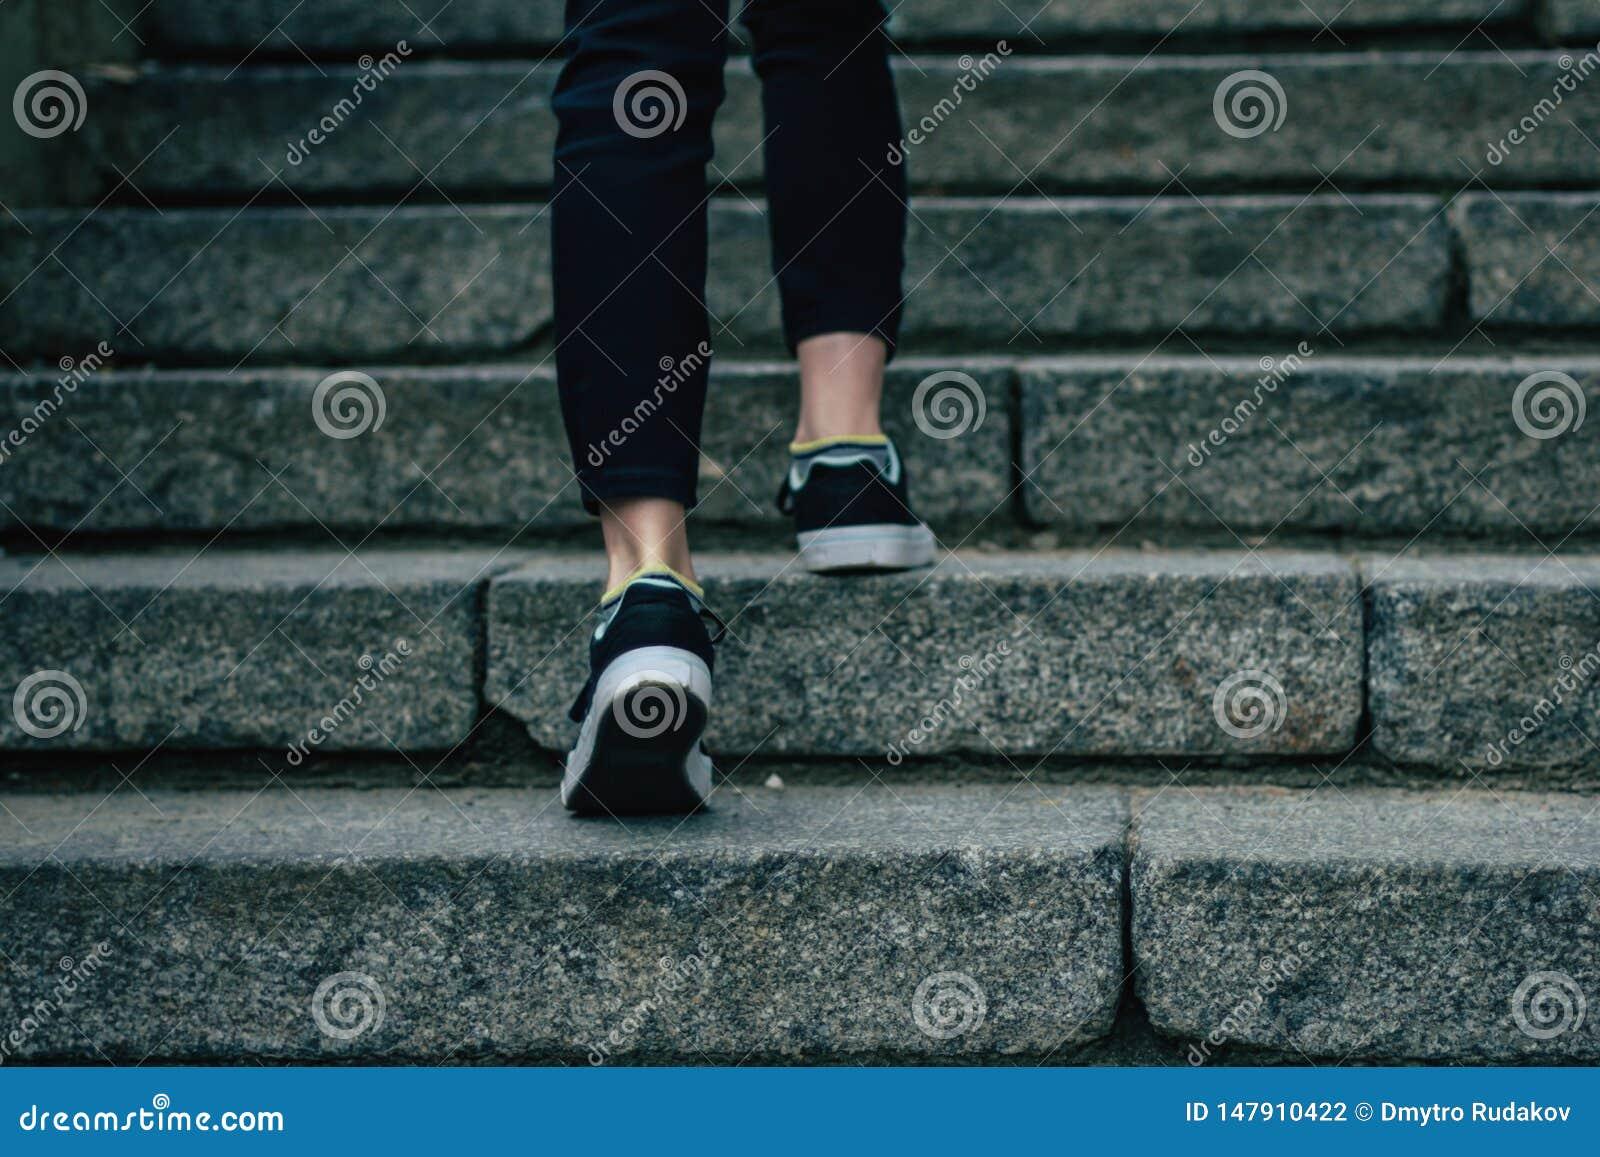 女孩在具体台阶上升